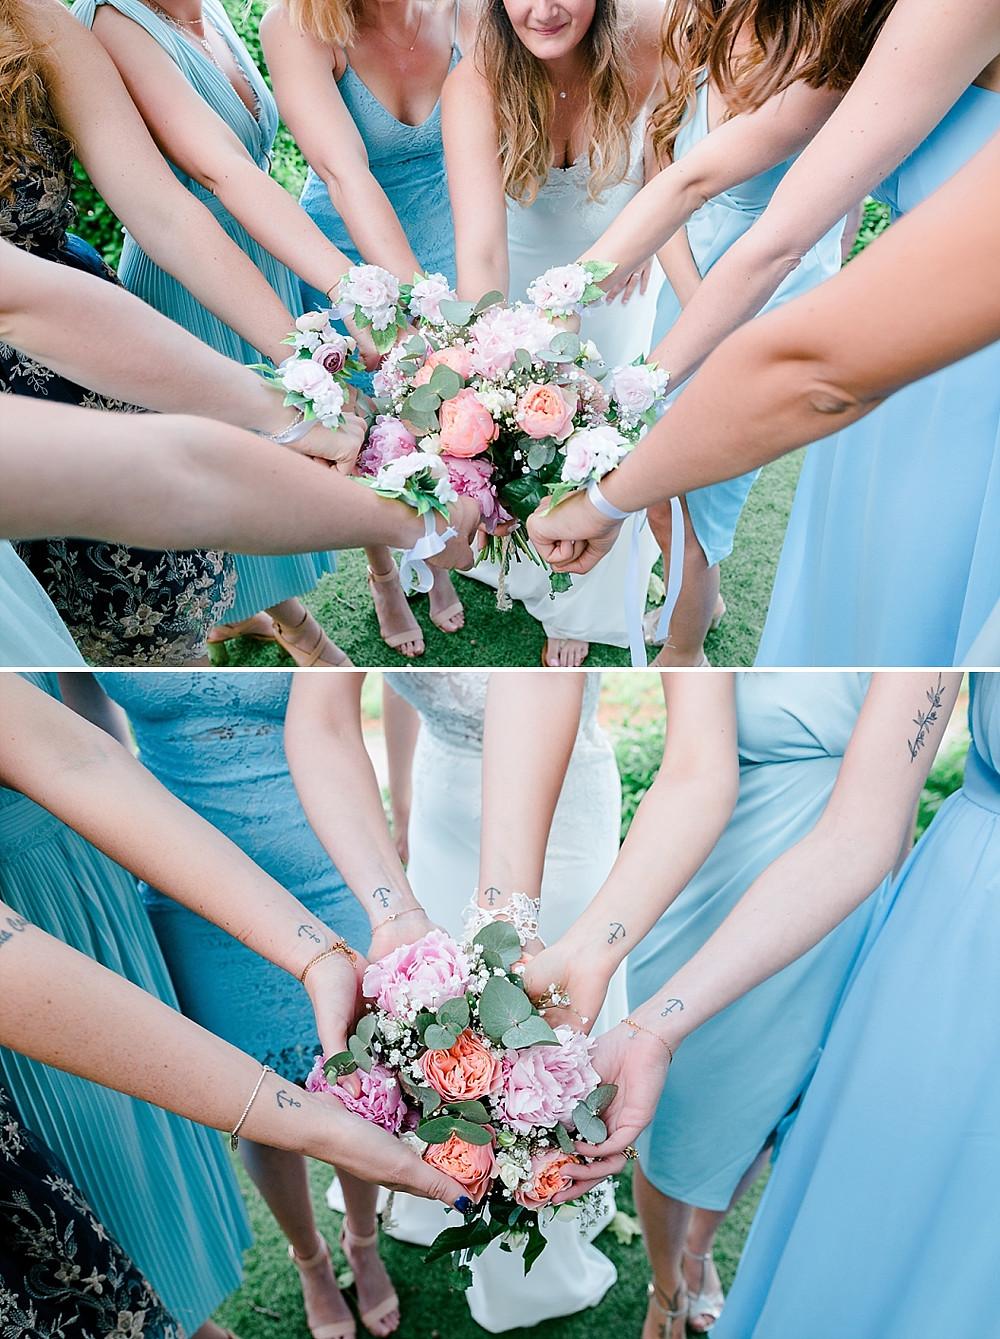 photos de groupe lors du mariage